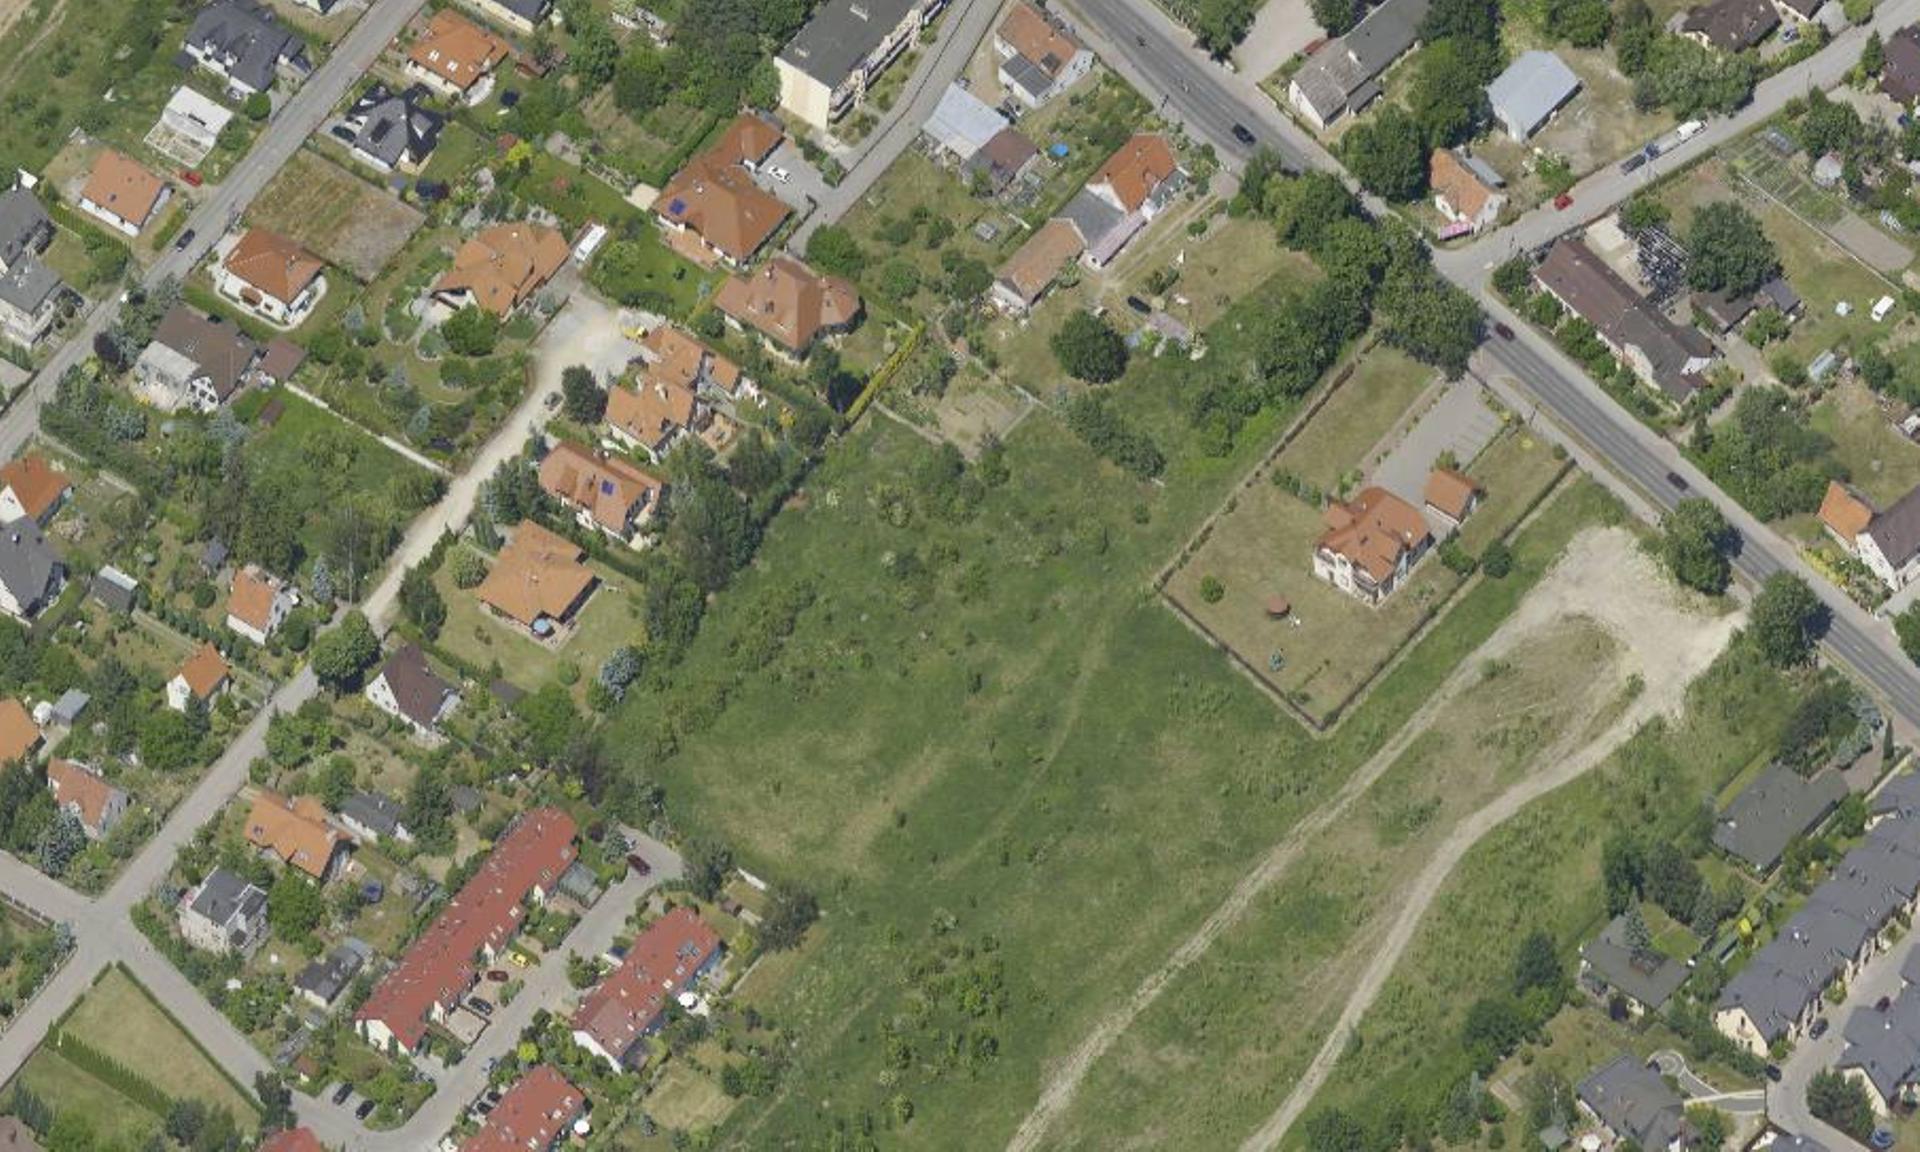 Wrocław: Arbet inwestuje na Wojnowie. Odkupił teren od miasta